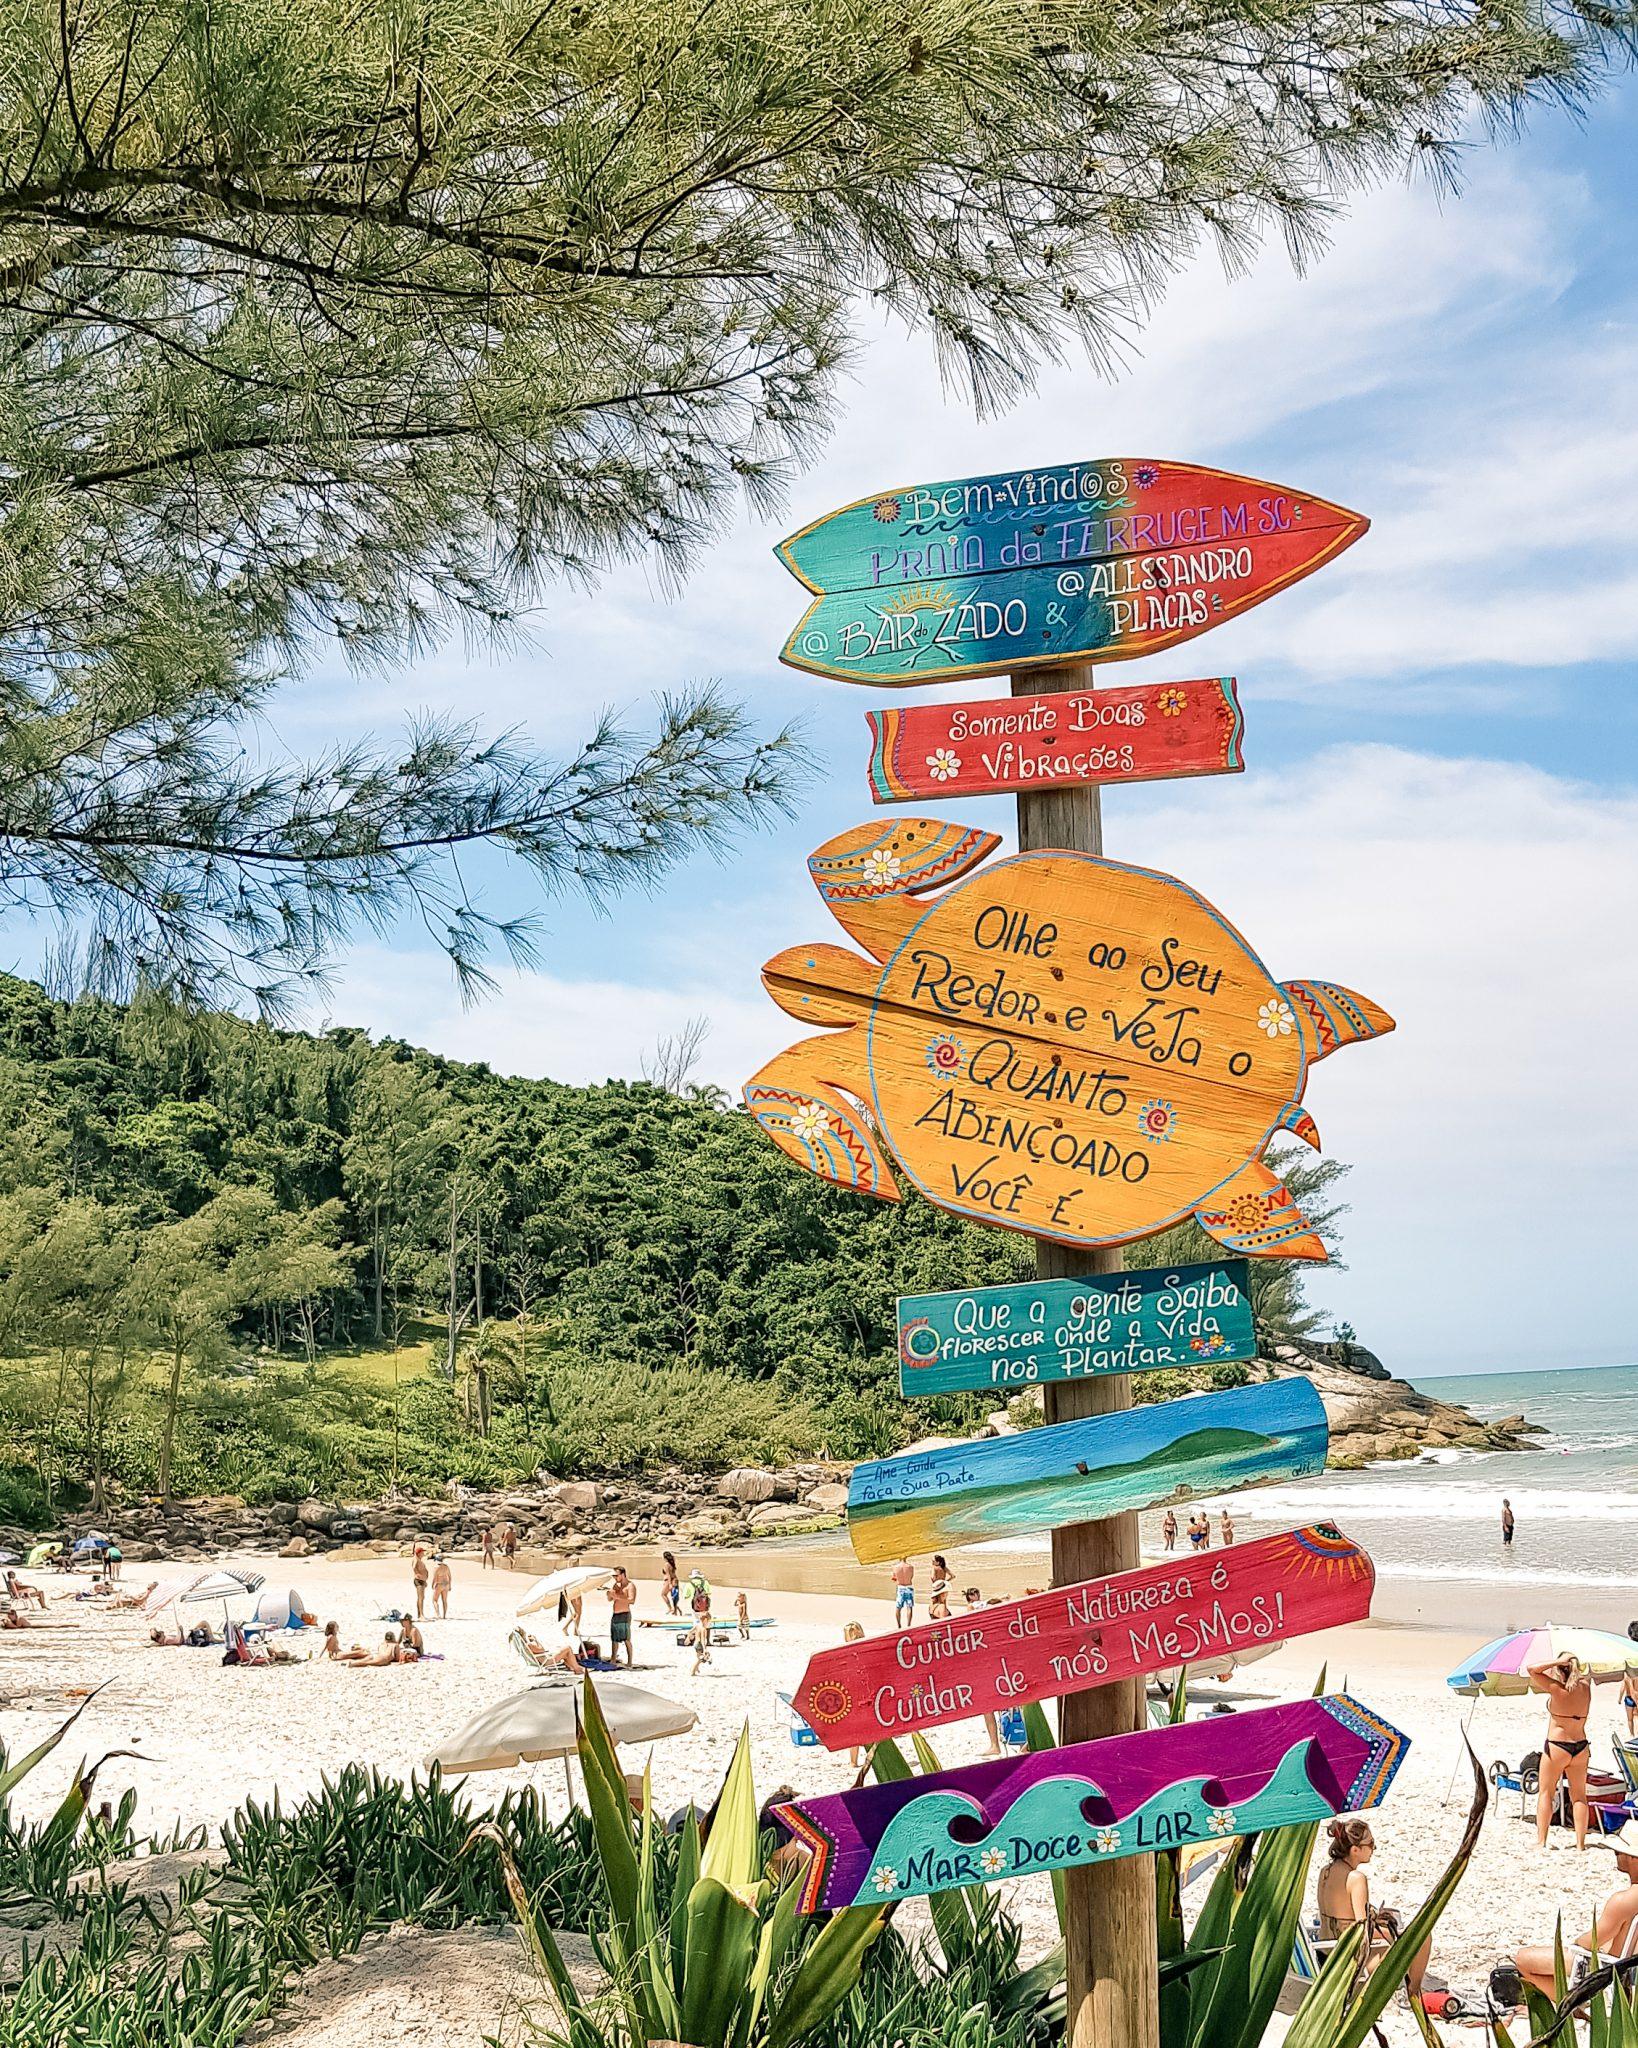 Melhores Praias de Santa Catarina / Bar do Zado, Praia da Ferrugem, Garopaba